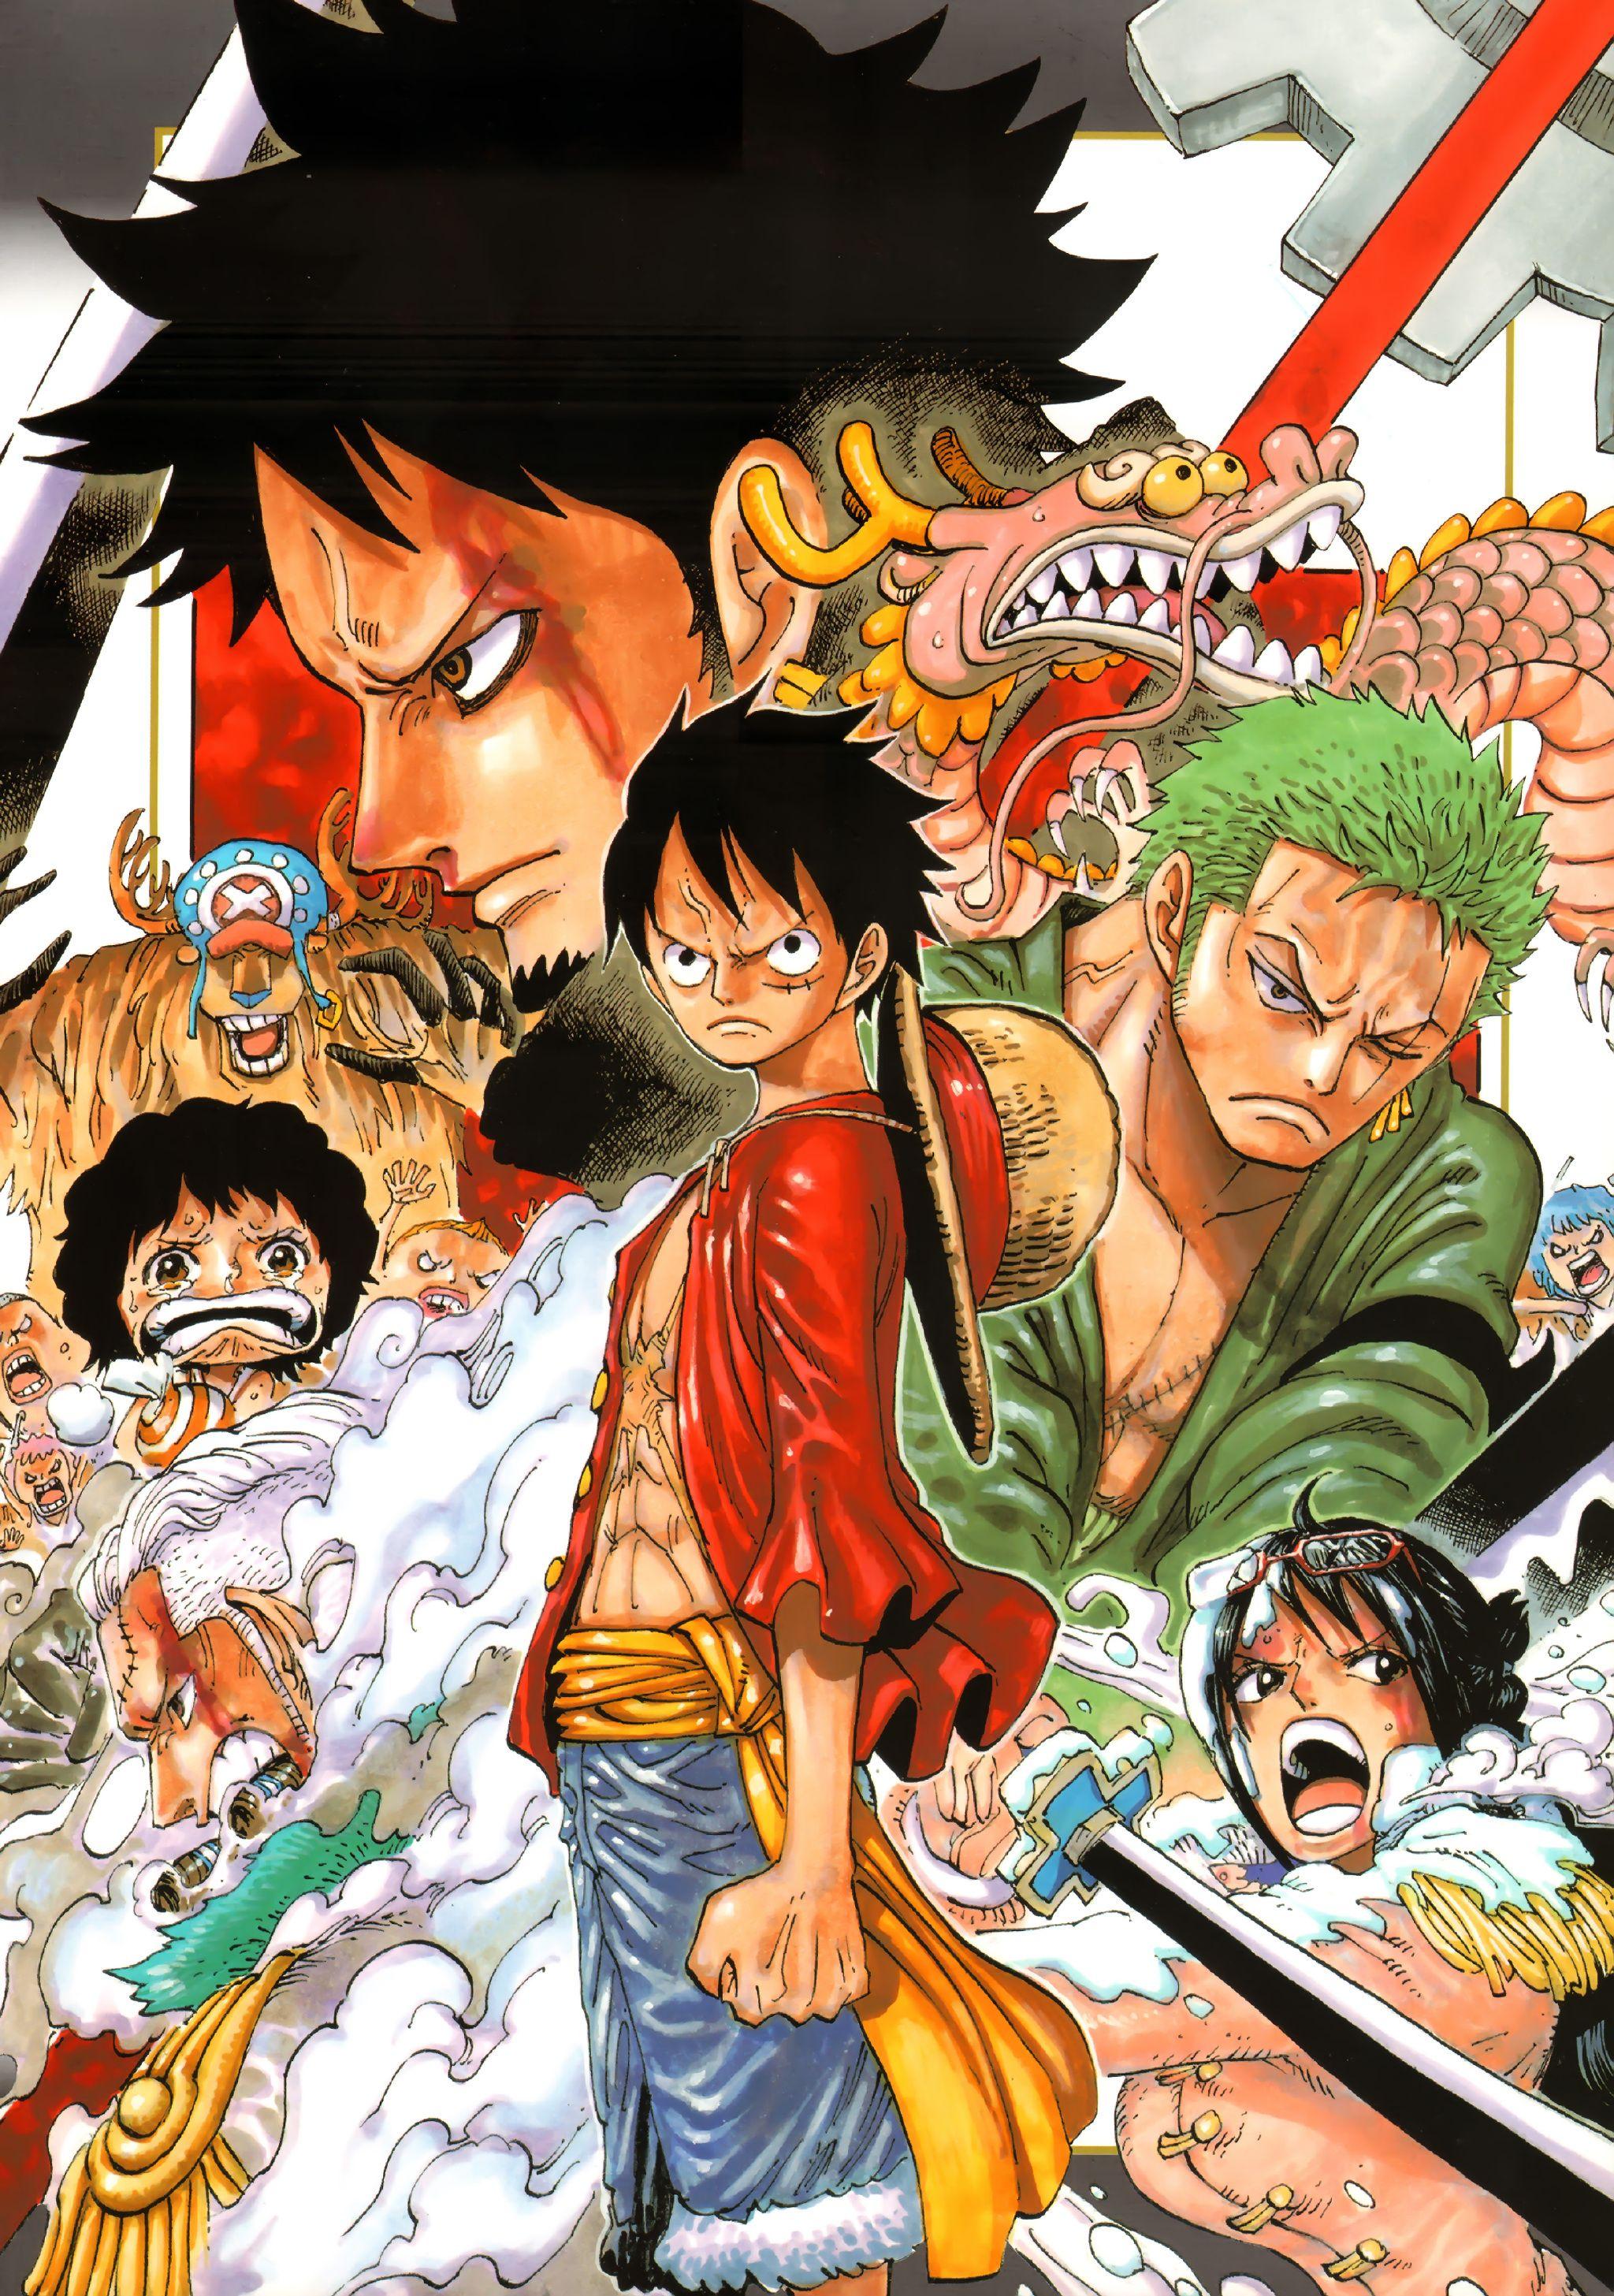 2048x2913 76 One Piece Manga One Piece Anime One Piece Comic